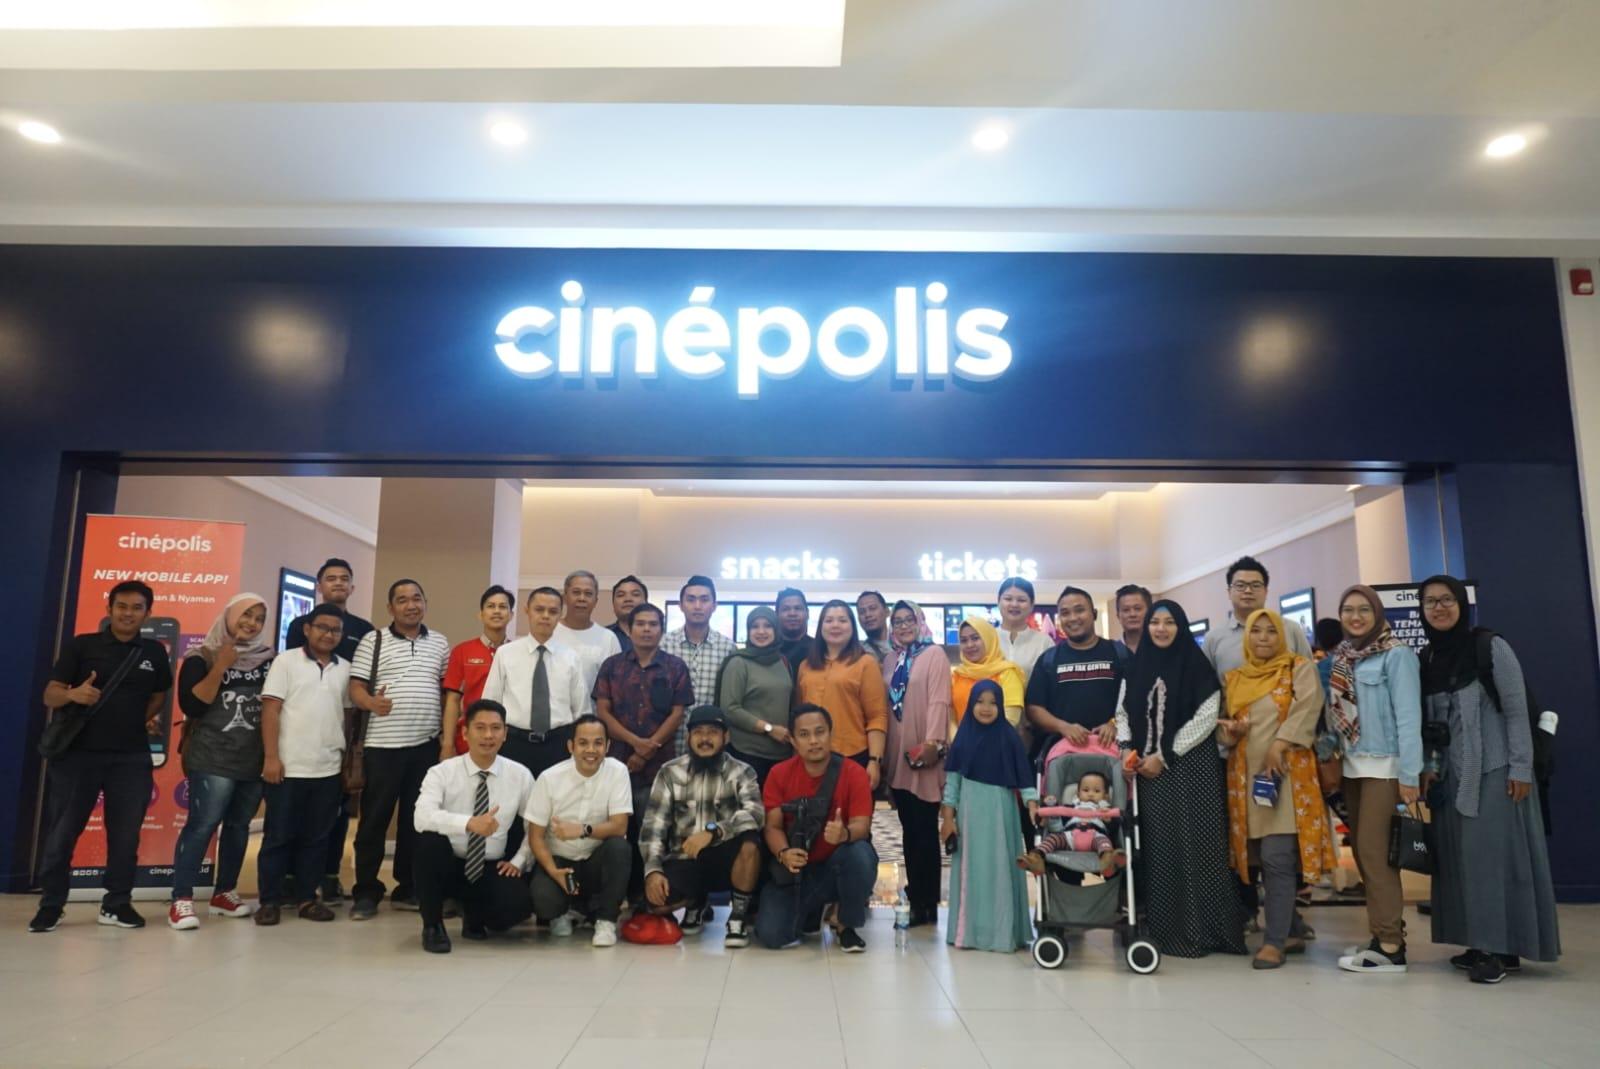 Nikmati Keseruan akhir Tahun 2019 bersama Cinepolis Mal Pekanbaru